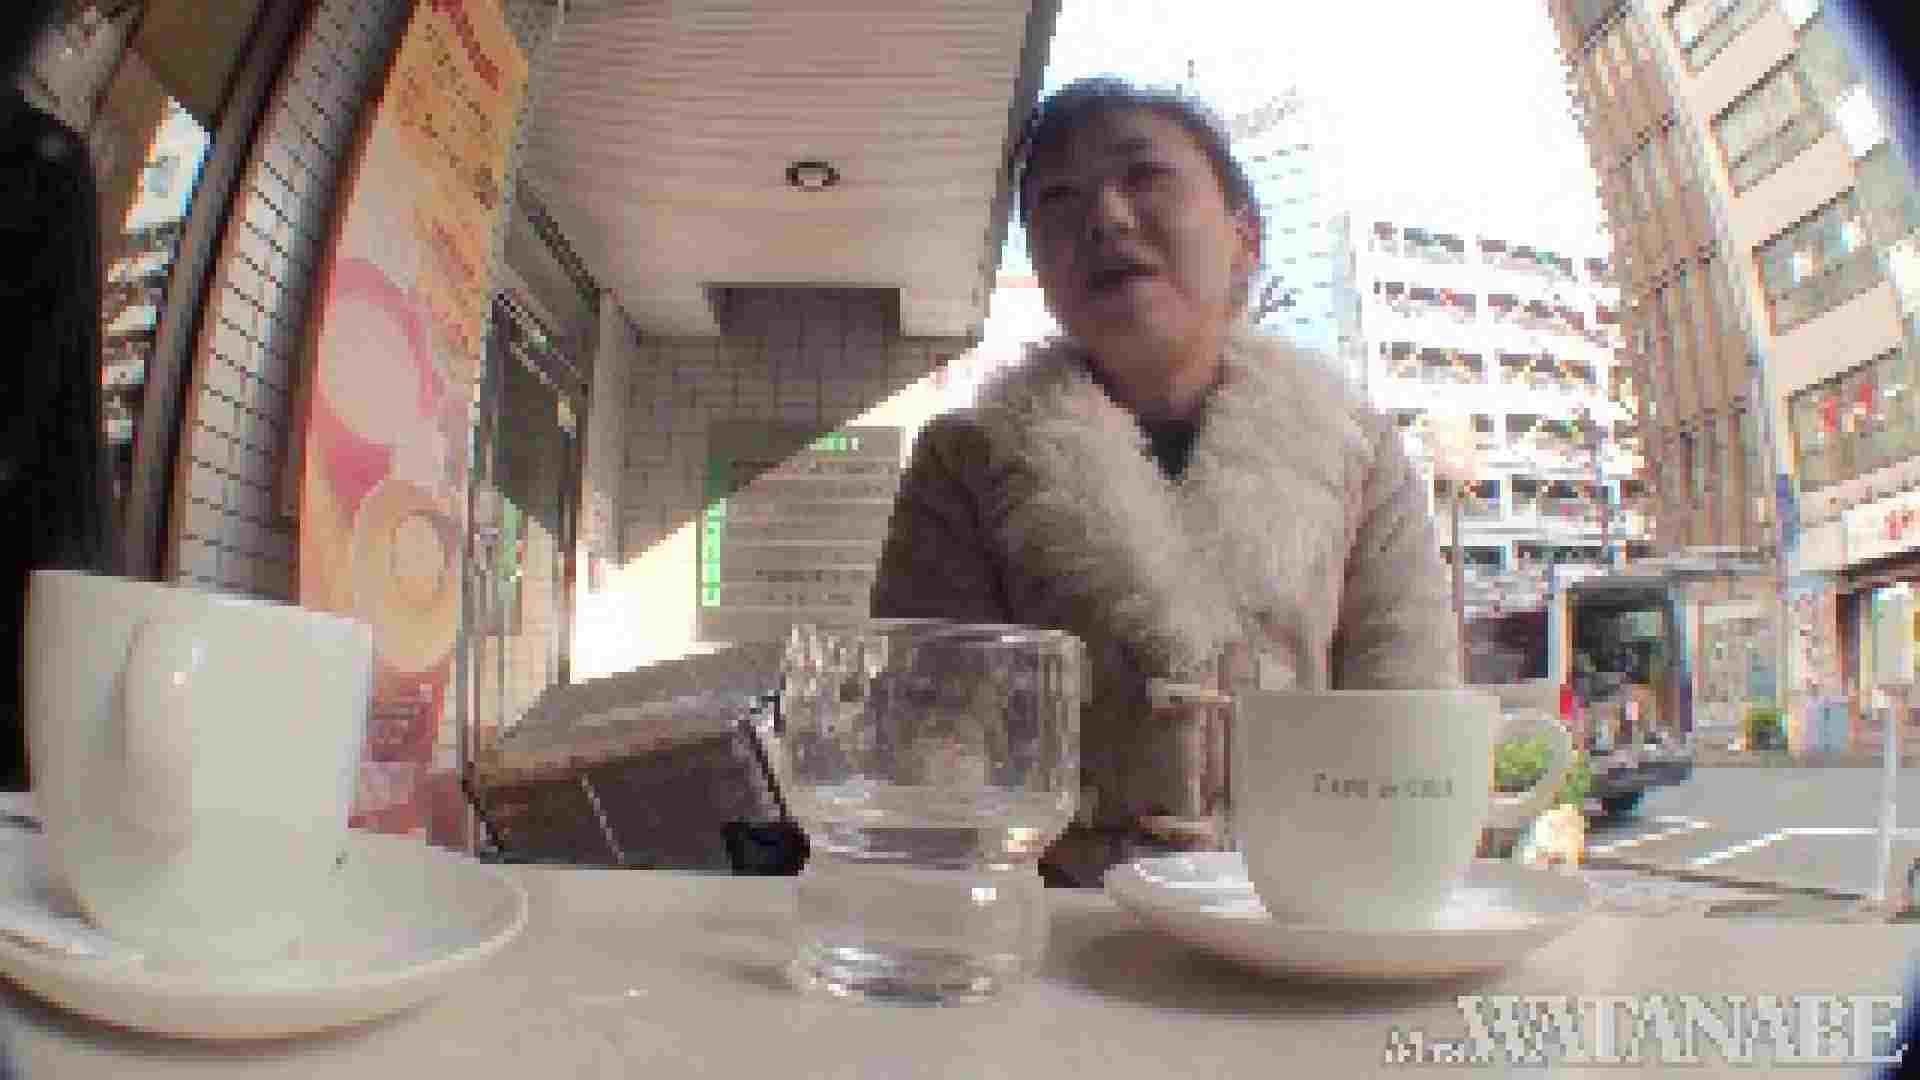 撮影スタッフを誘惑する痴熟女 かおり40歳 Vol.01 素人 | HなOL  67pic 14